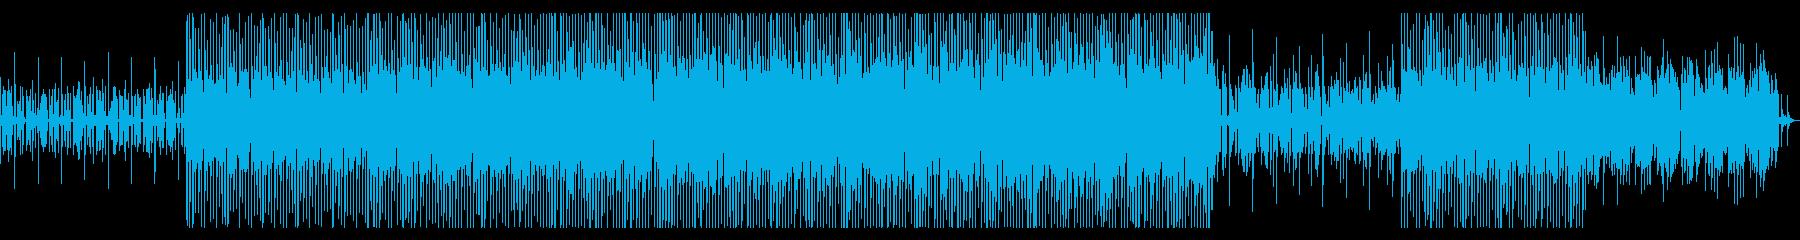 無機質 パズル 迷宮 謎解き 難解 の再生済みの波形